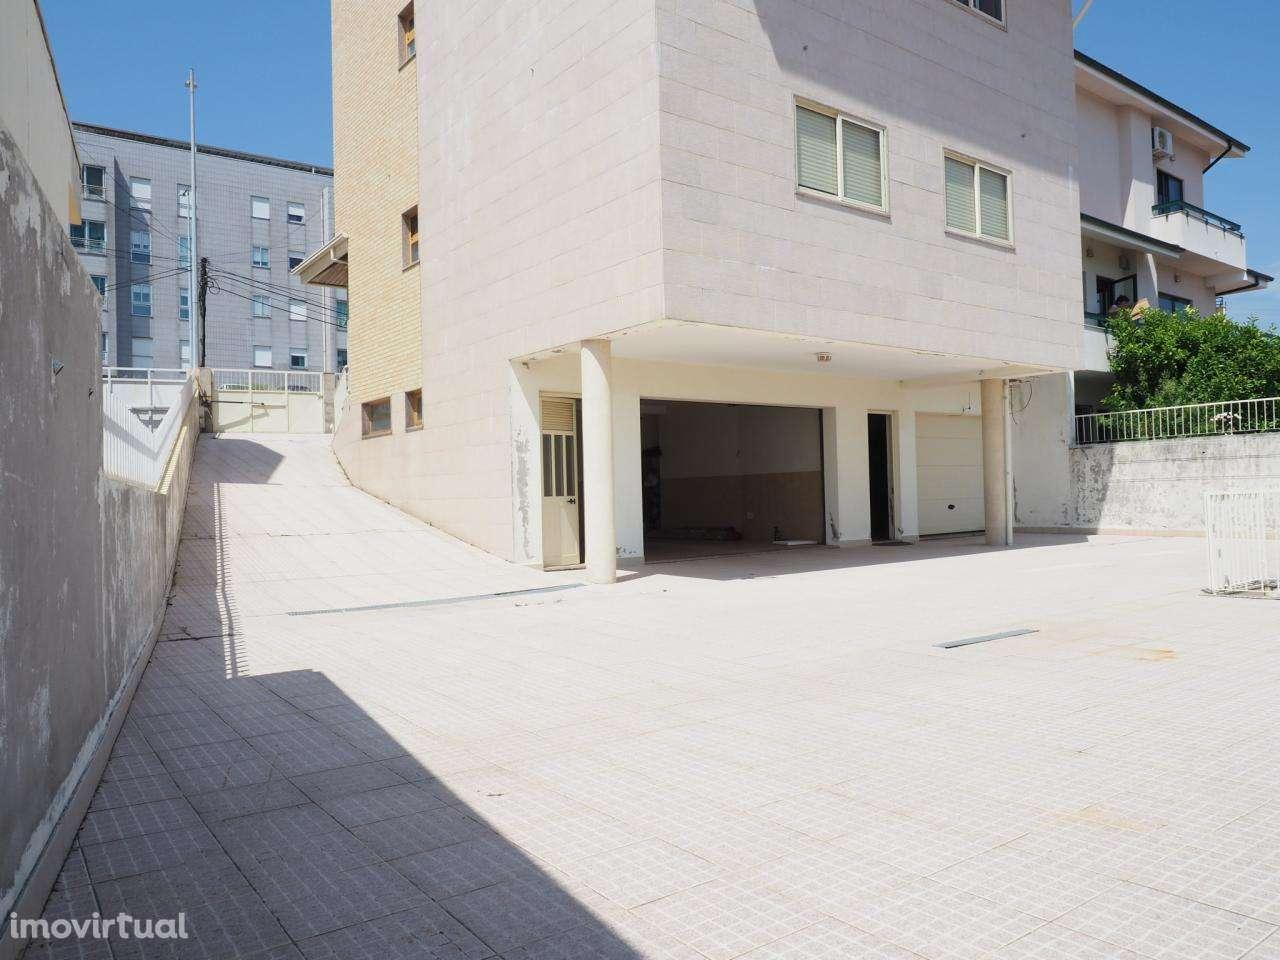 Moradia para comprar, Baguim do Monte, Gondomar, Porto - Foto 17